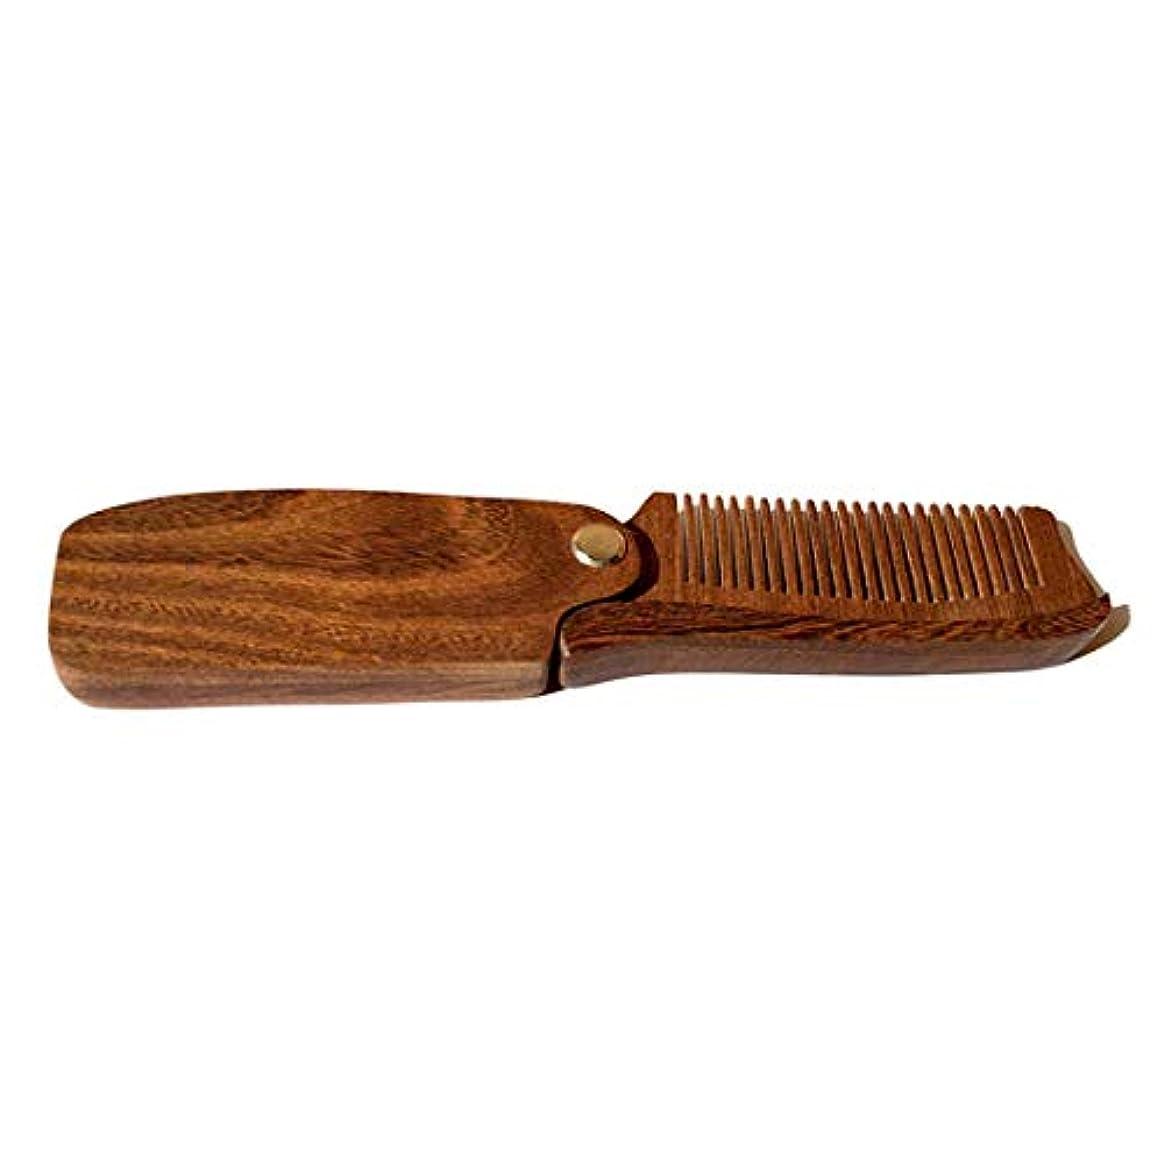 私たちの故障中広範囲キャリーケース付き折りたたみ木製くし男性の髪、ひげと口ひげのスタイリングくし - ポケットサイズ、耐久性、帯電防止白檀のくし ヘアケア (色 : Wood color)